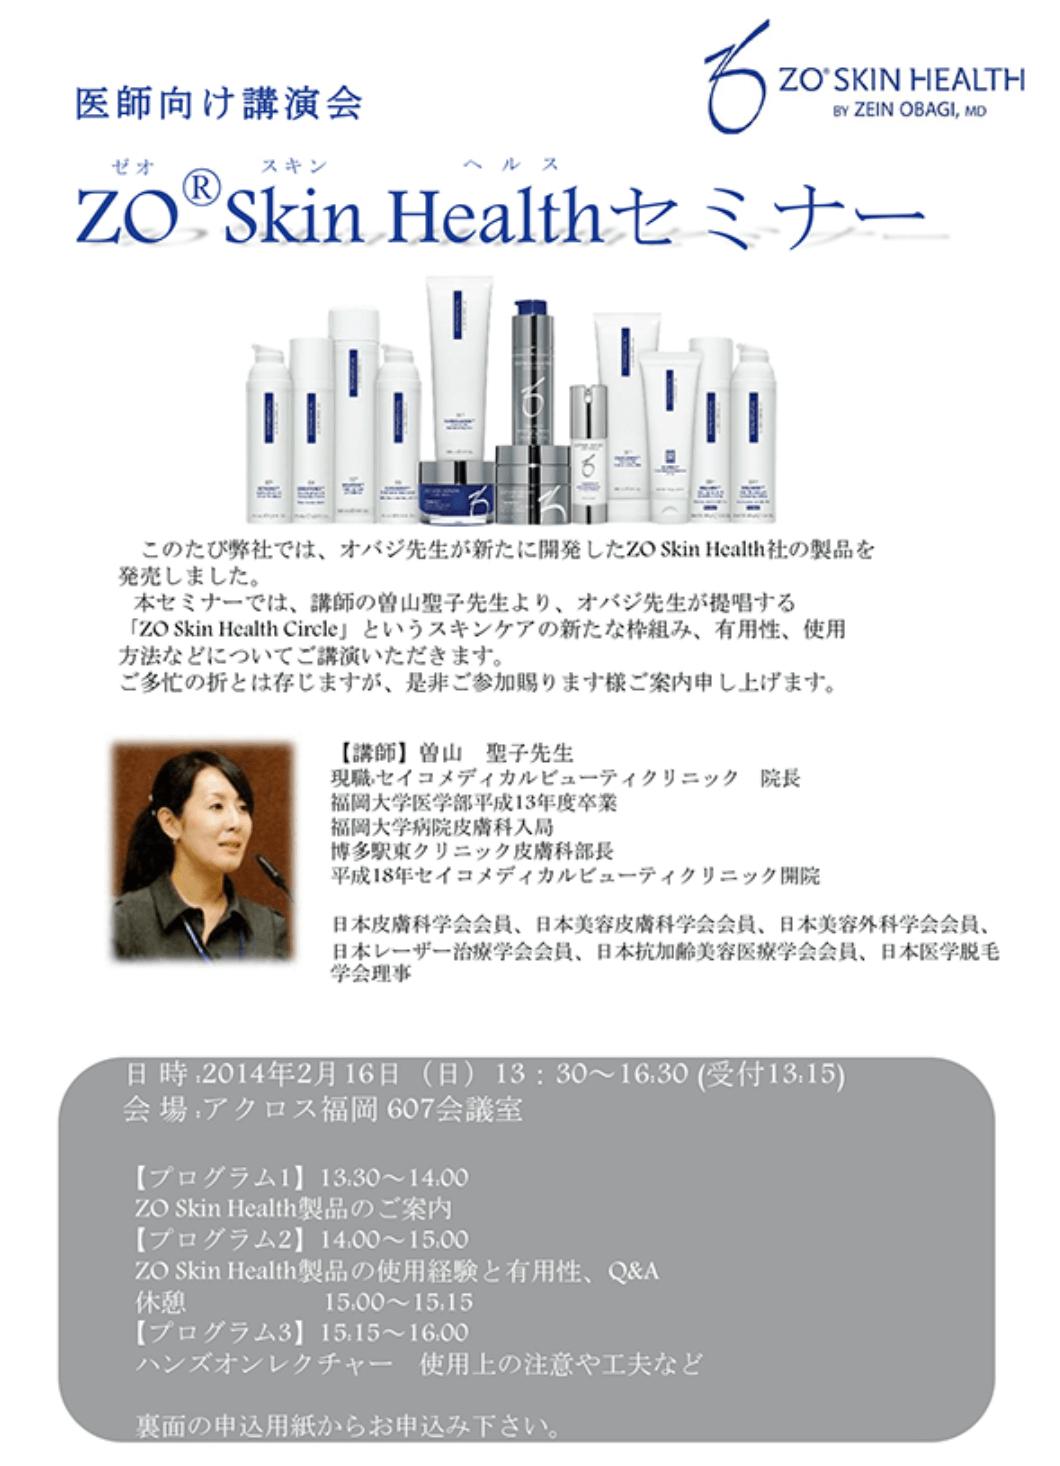 医師向け講演会 ZO Skin Health セミナー